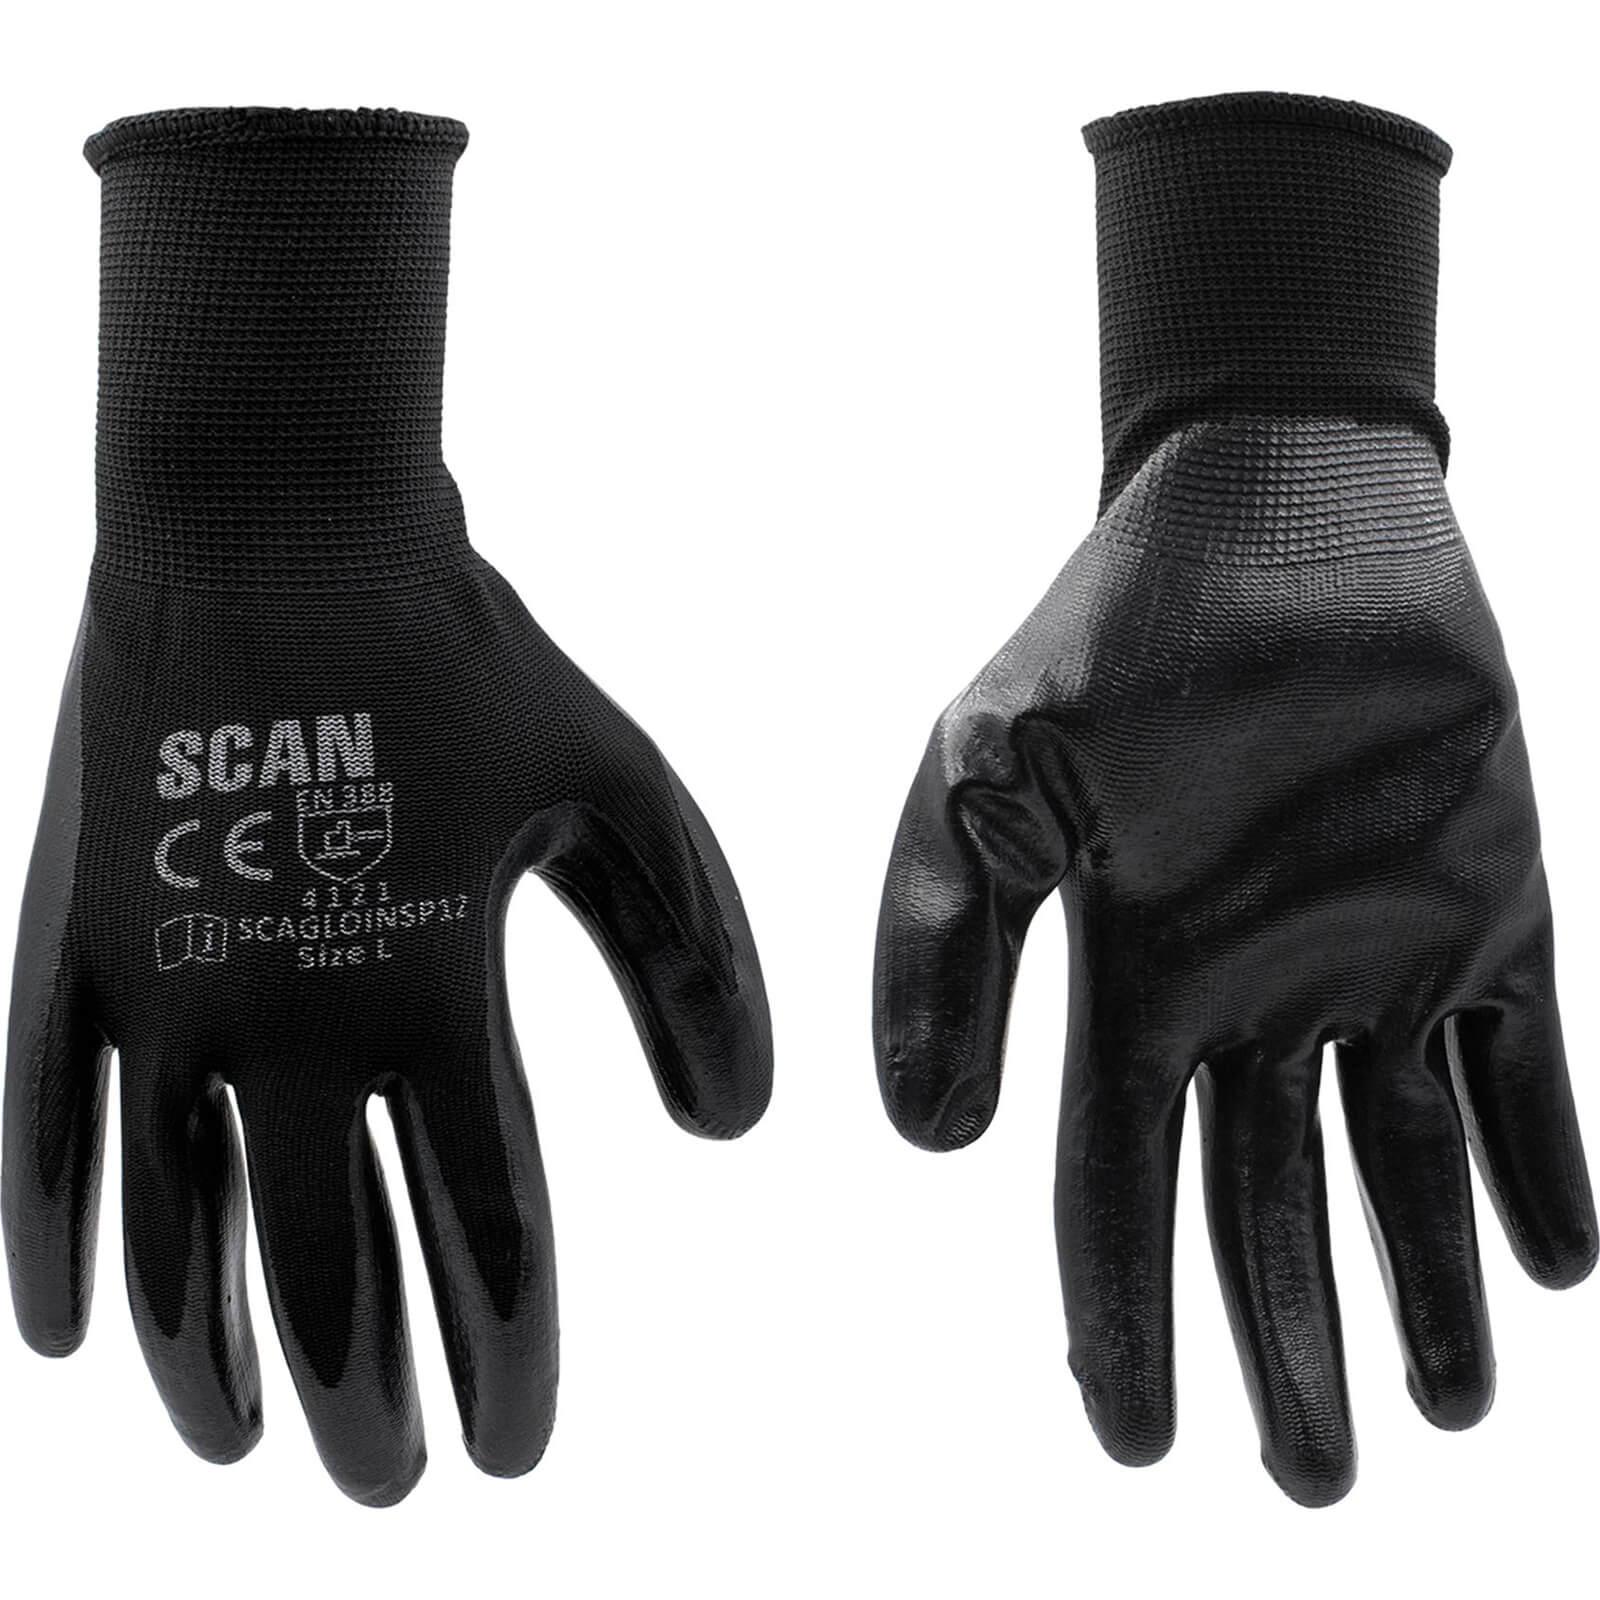 Image of Scan Inspection Gloves Black Pack of 12 L